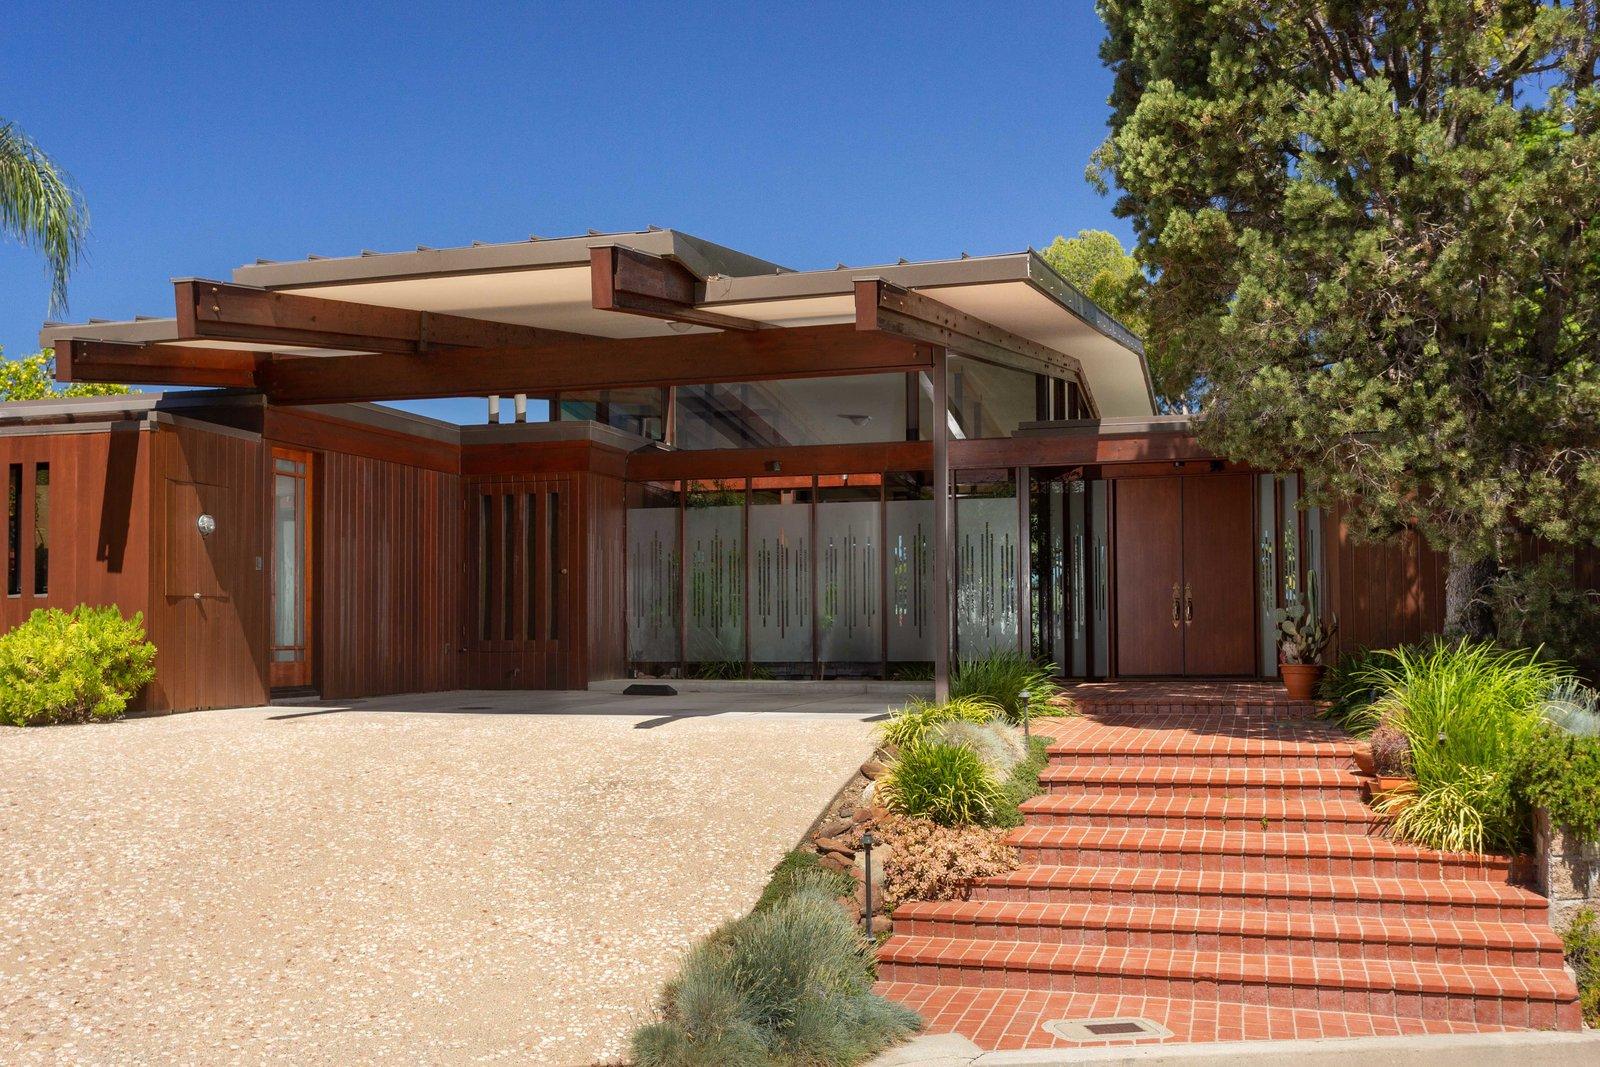 Meyer Residence exterior